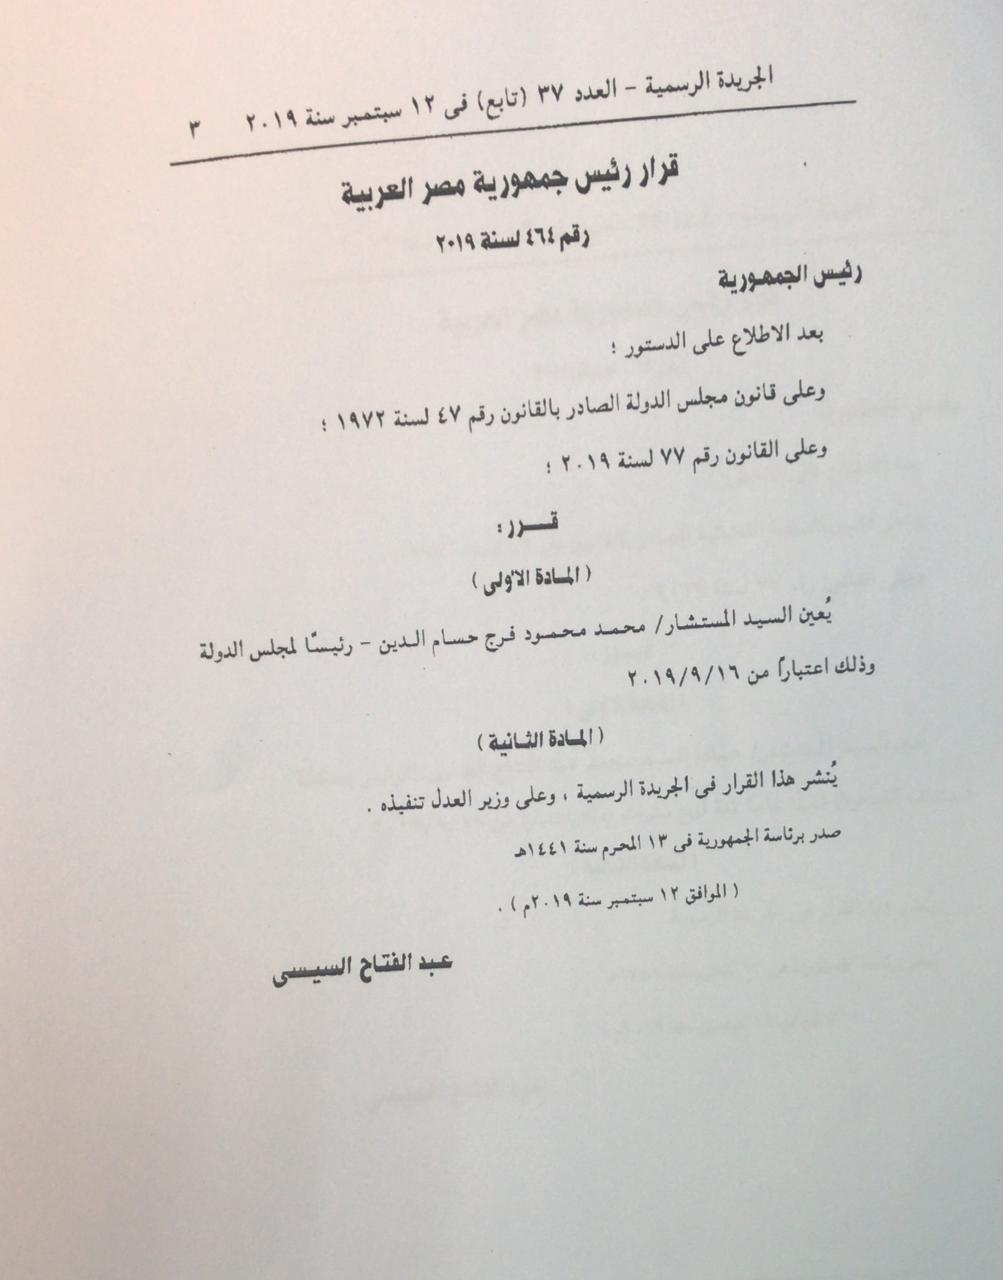 قرار رئيس الجمهورية بتعيين المستشار محمد حسام